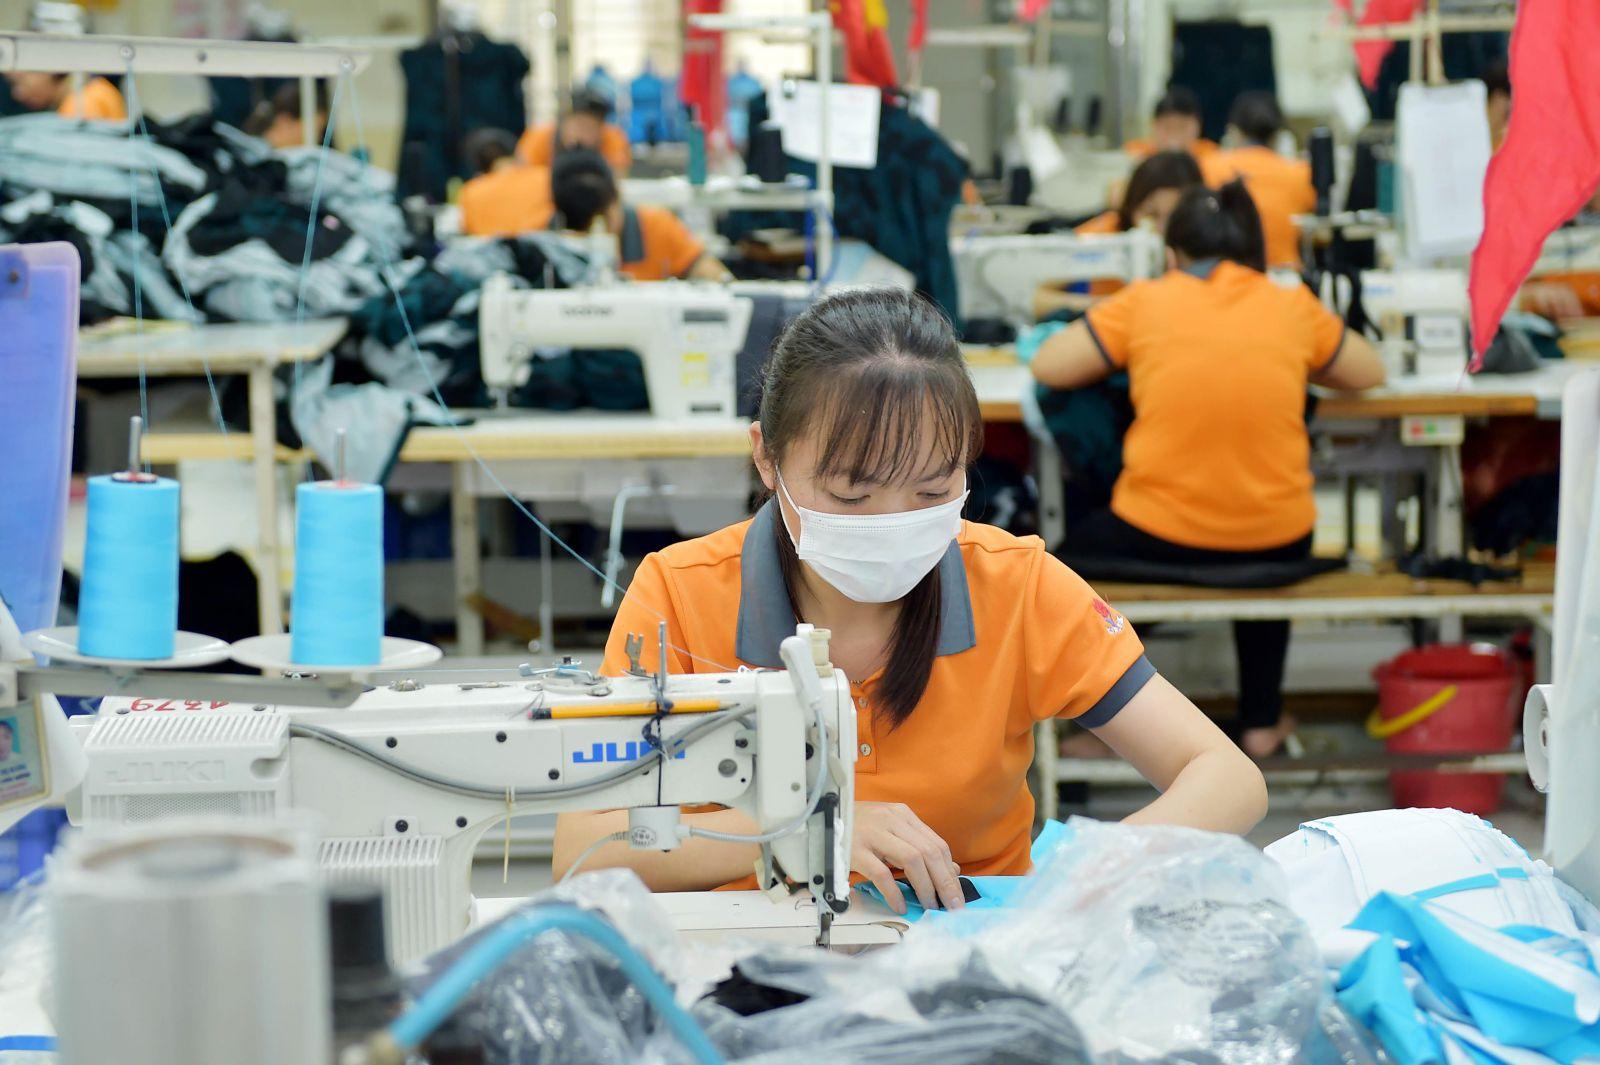 Ngành dệt may giữ đà tăng trưởng xuất khẩu dù lượng đơn hàng giảm